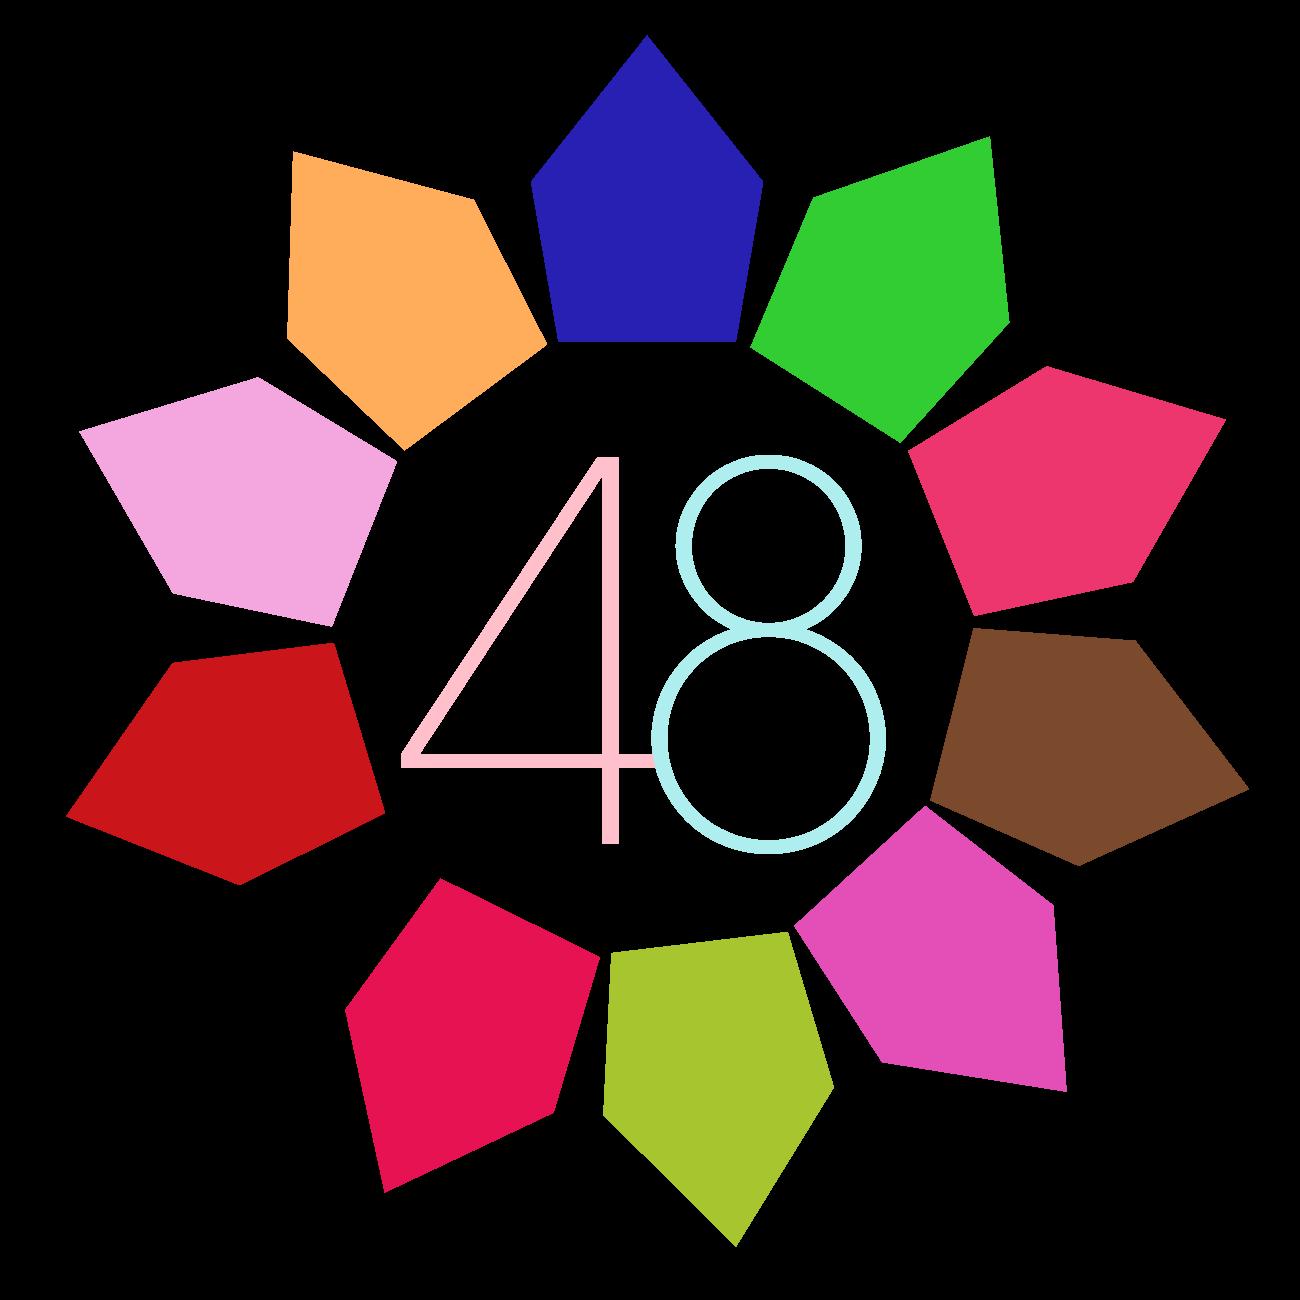 MYUUJIIKU48